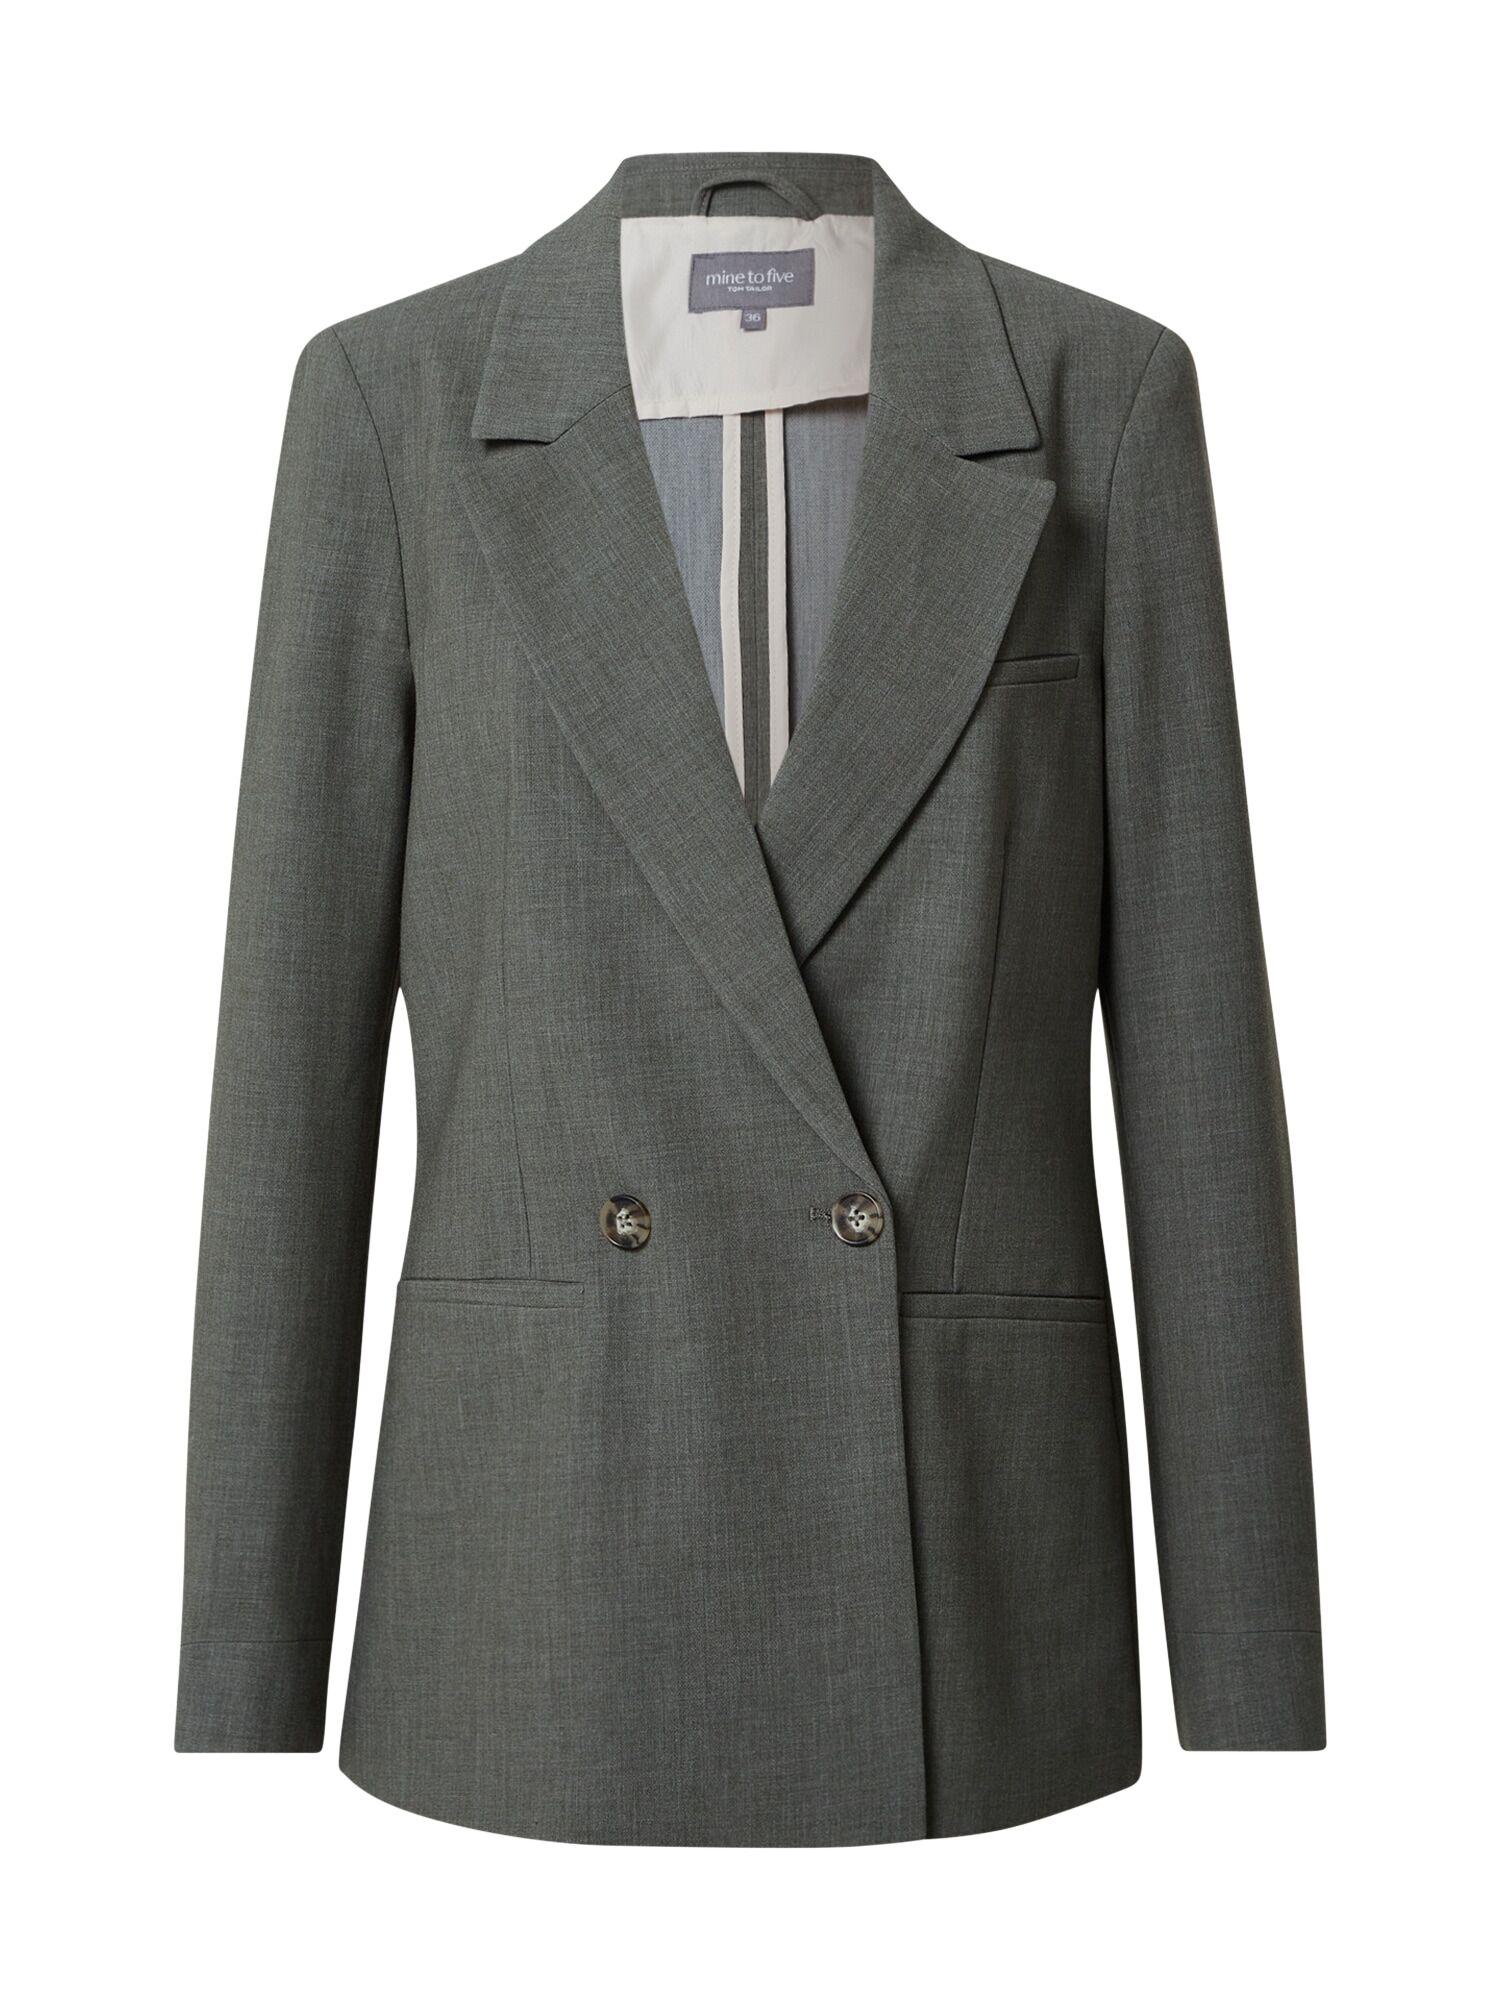 MINE TO FIVE Blazer  - Vert - Taille: 40 - female